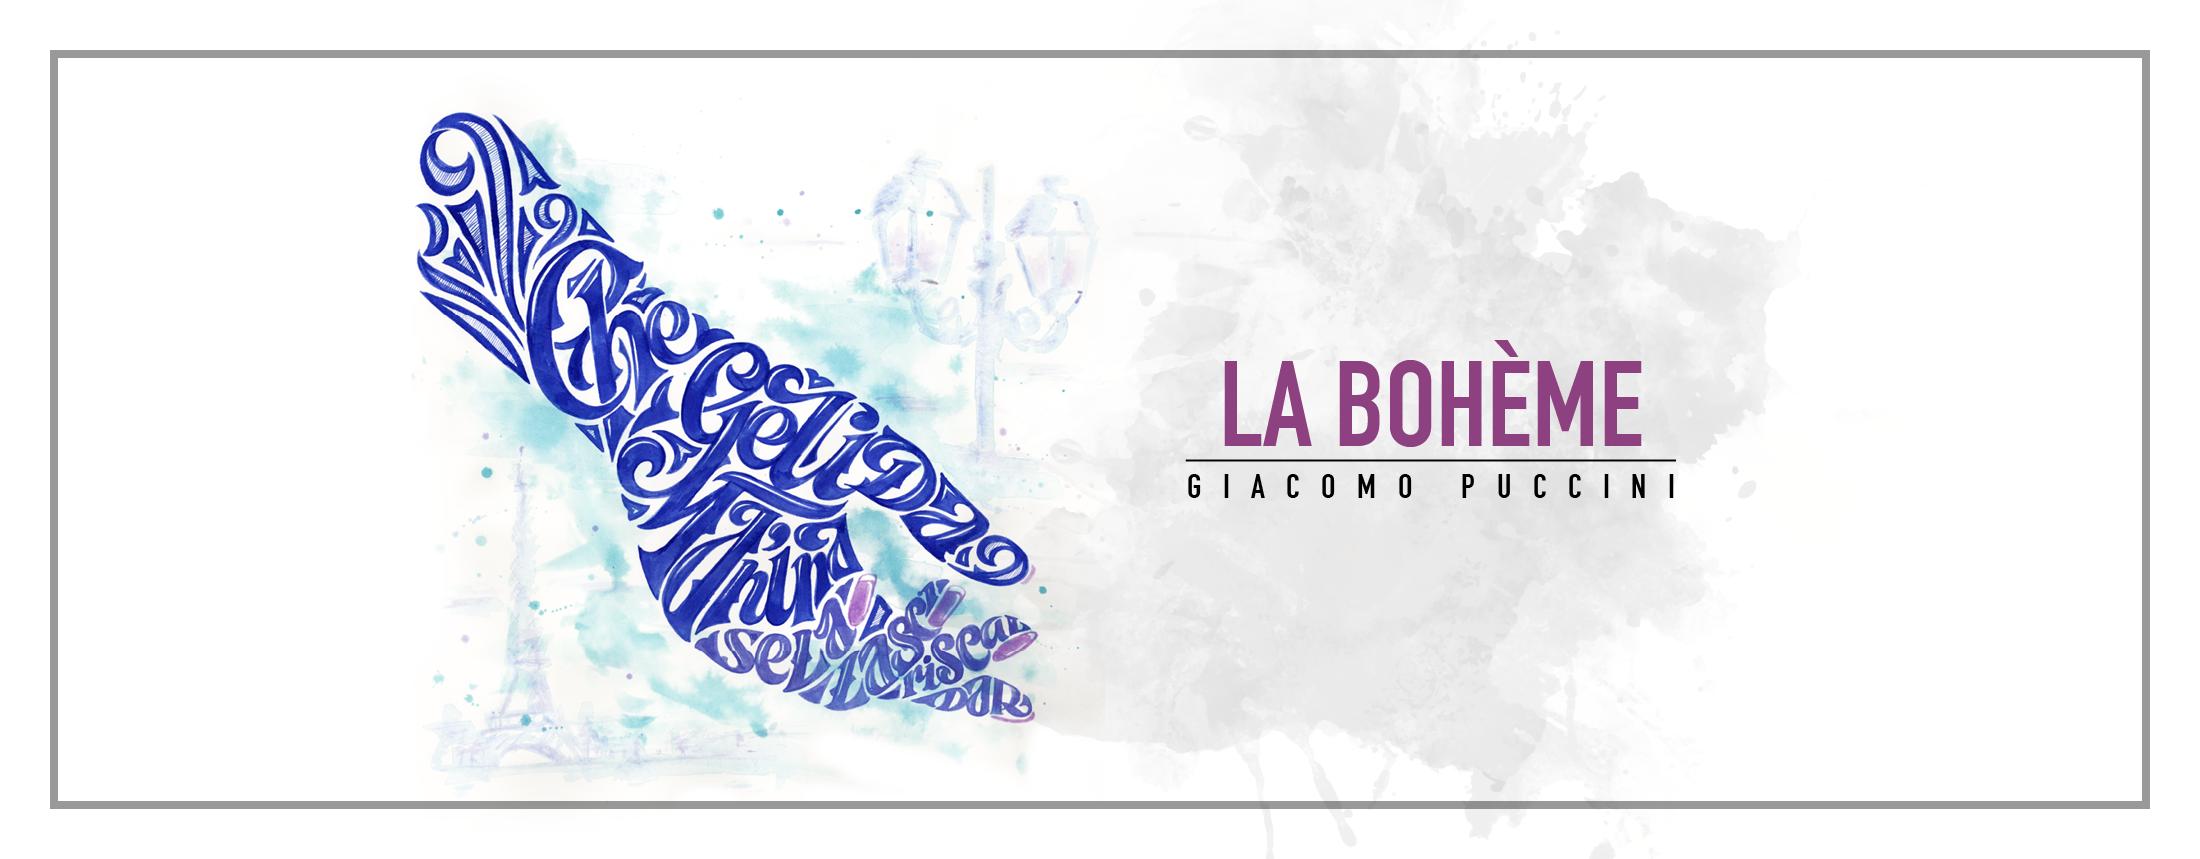 La Boheme ON_Web_2200x_859